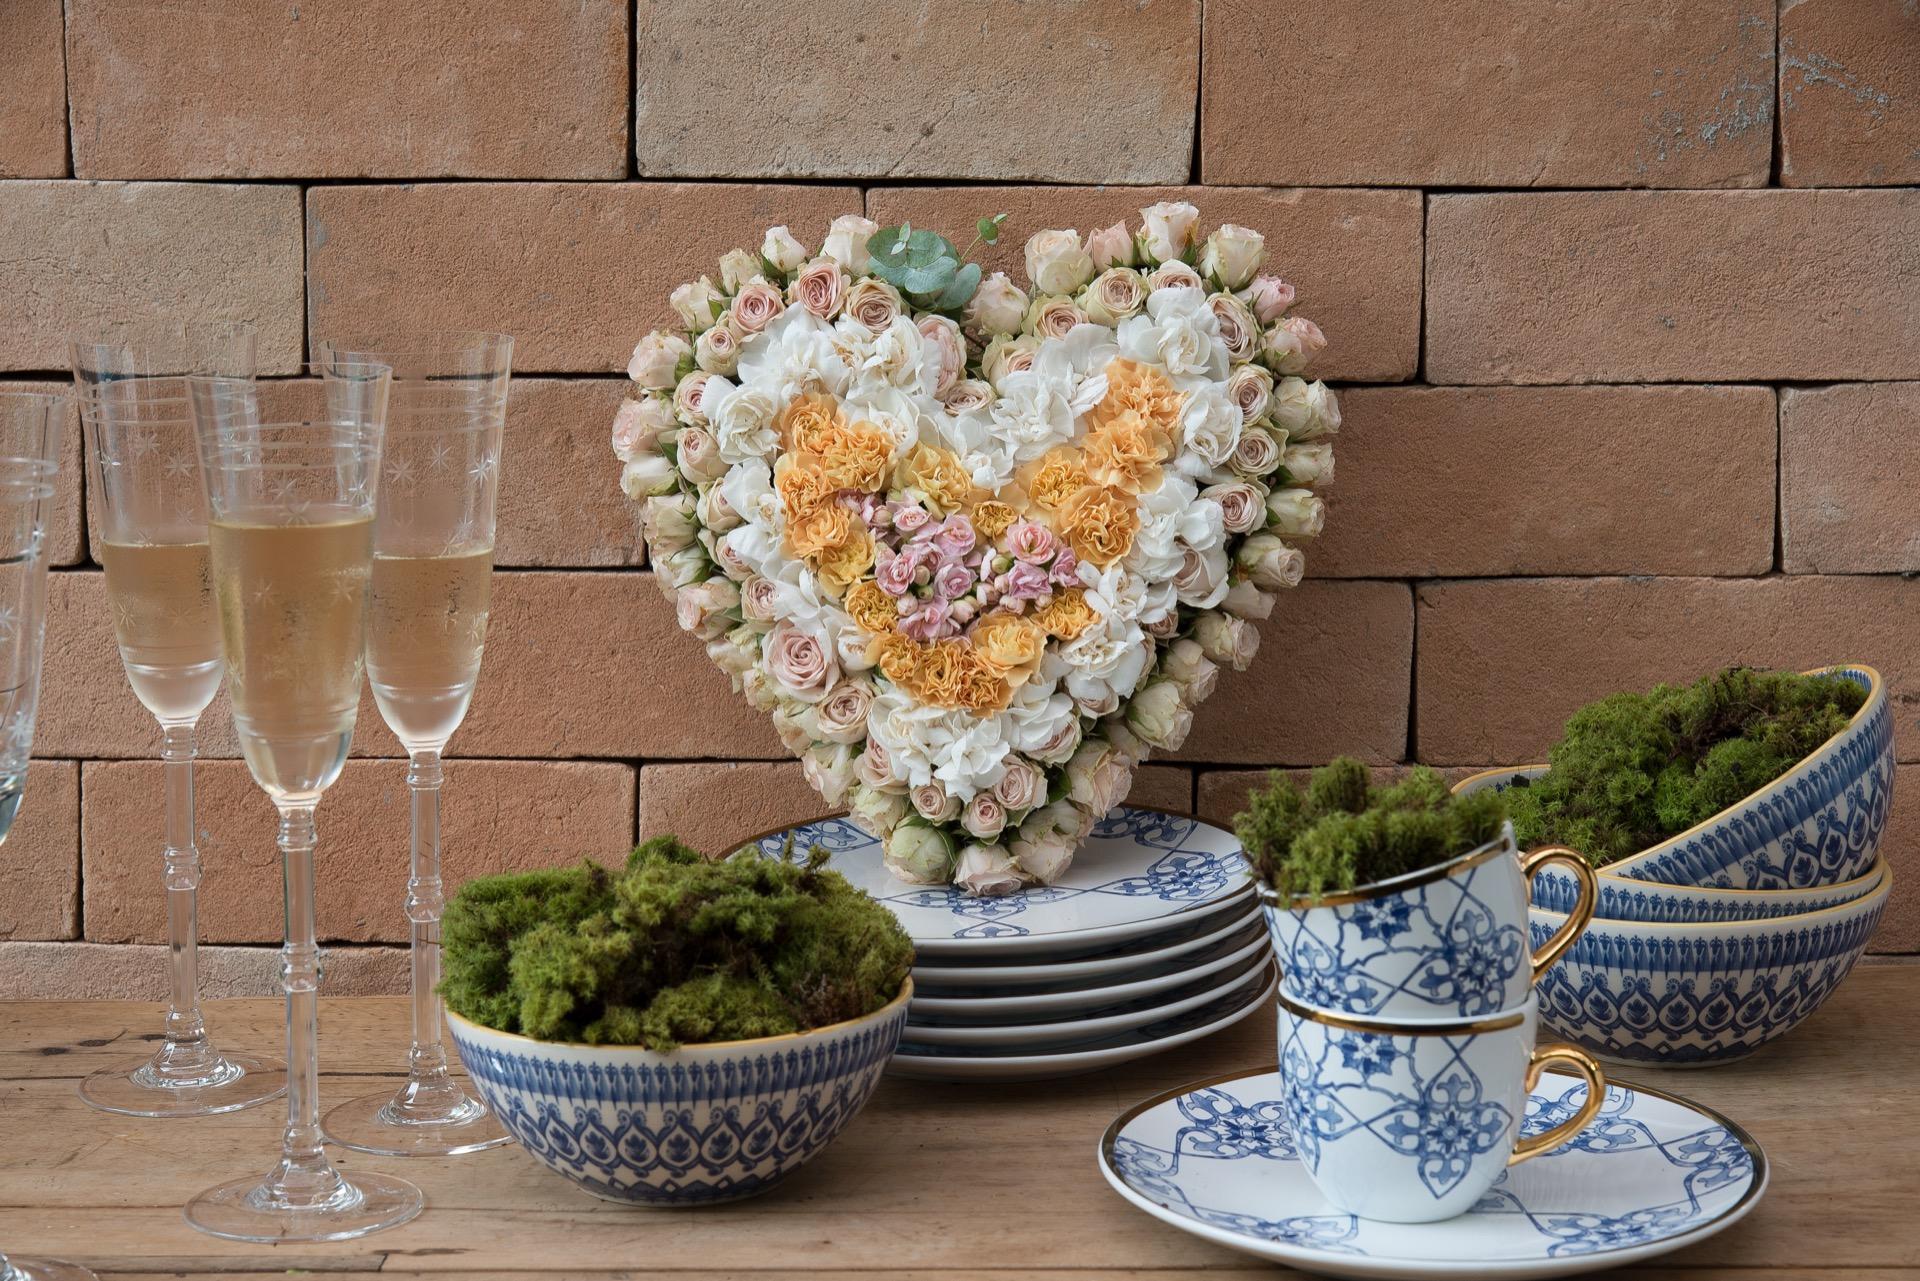 Imagem: Um arranjo de flores completa a decoração. Foto: Cacá Bratke.